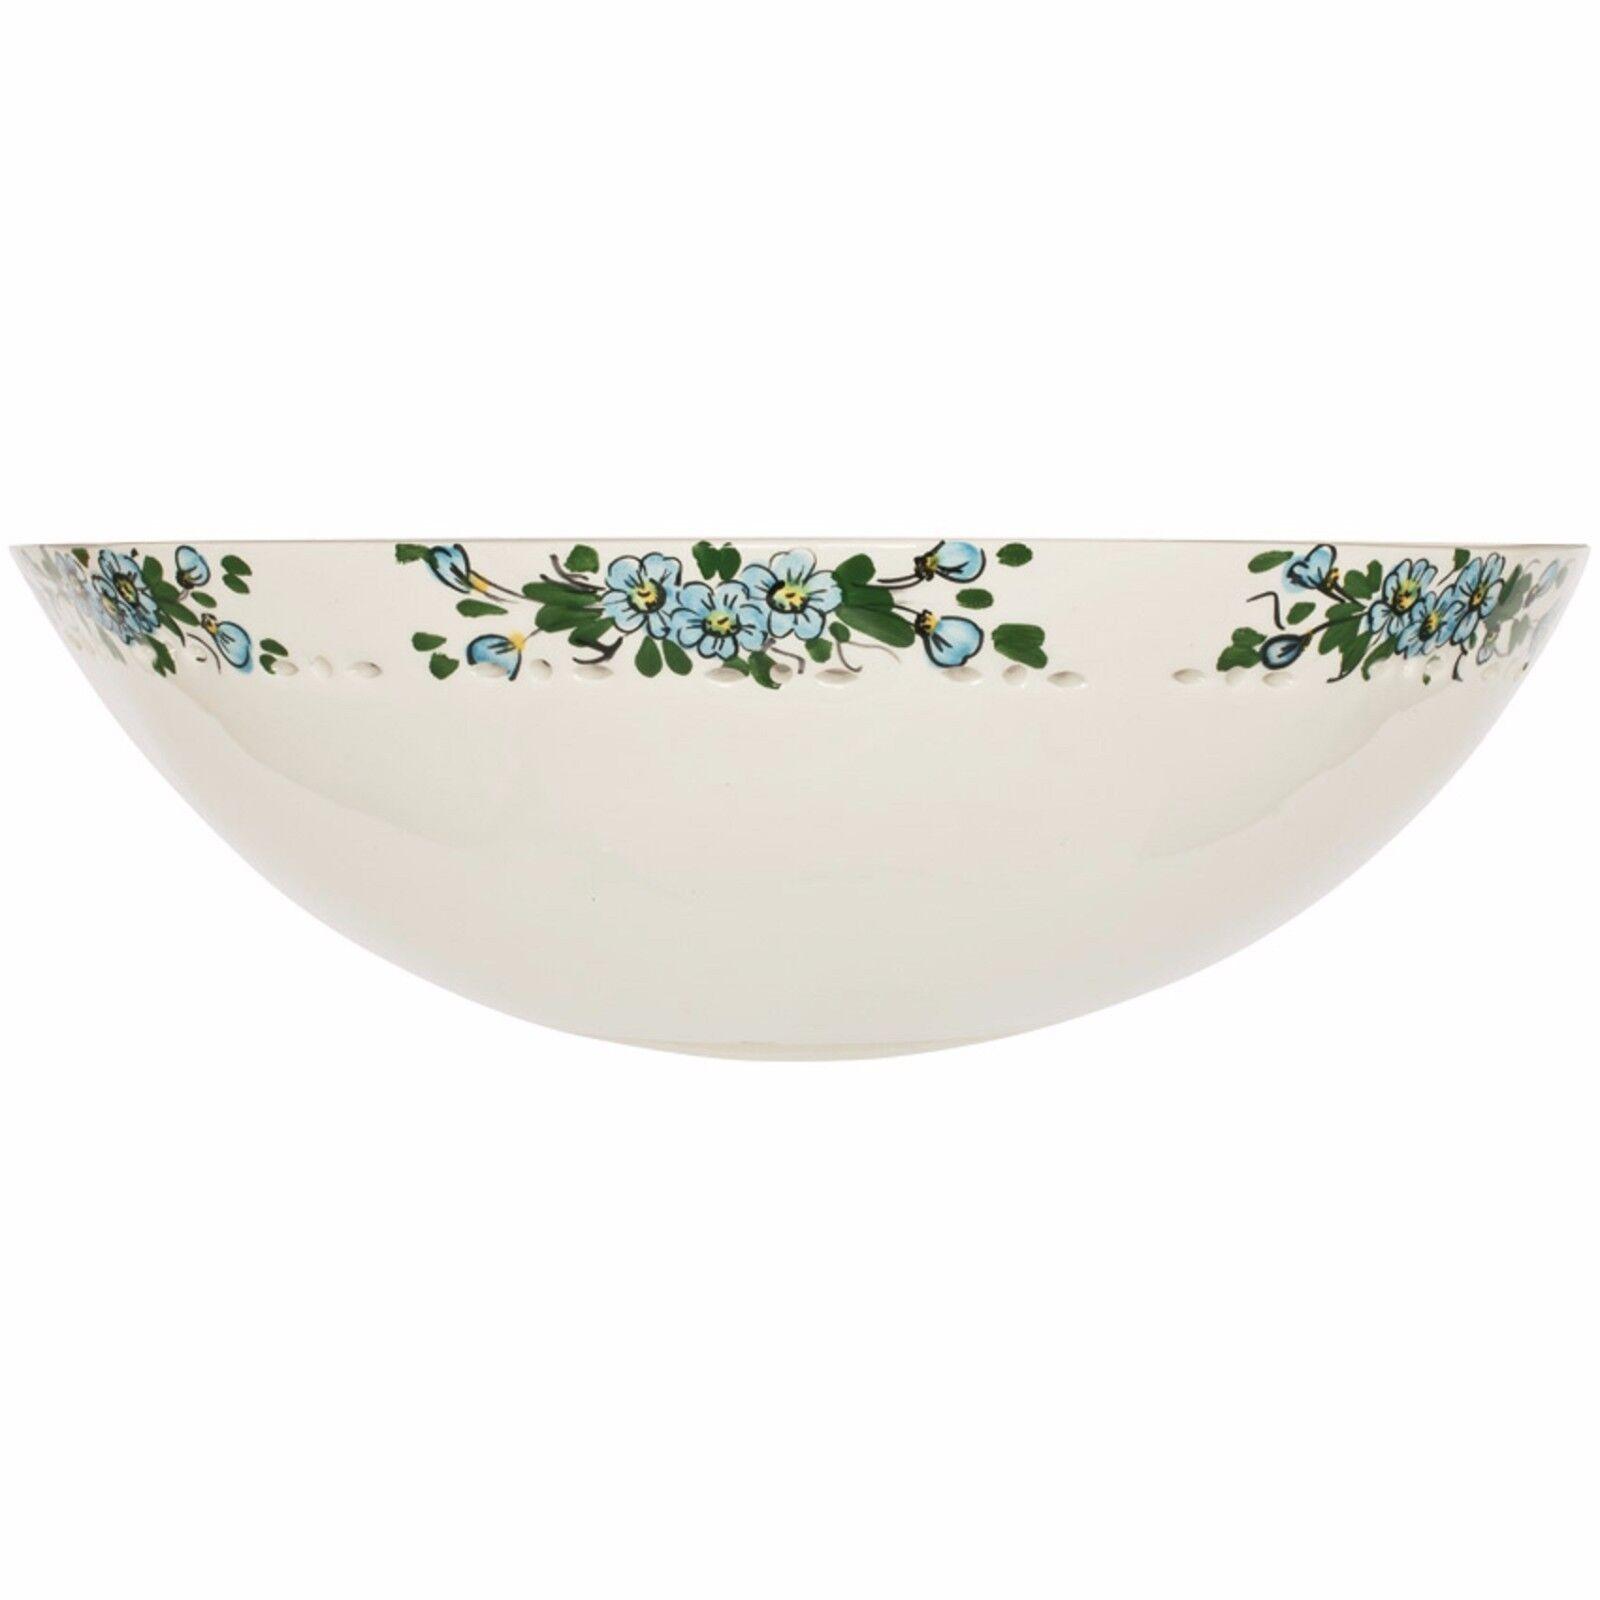 Wandleuchte 1 flammig Keramik weiß mit grünem Blaumenmuster  CERAMICHE BORSO